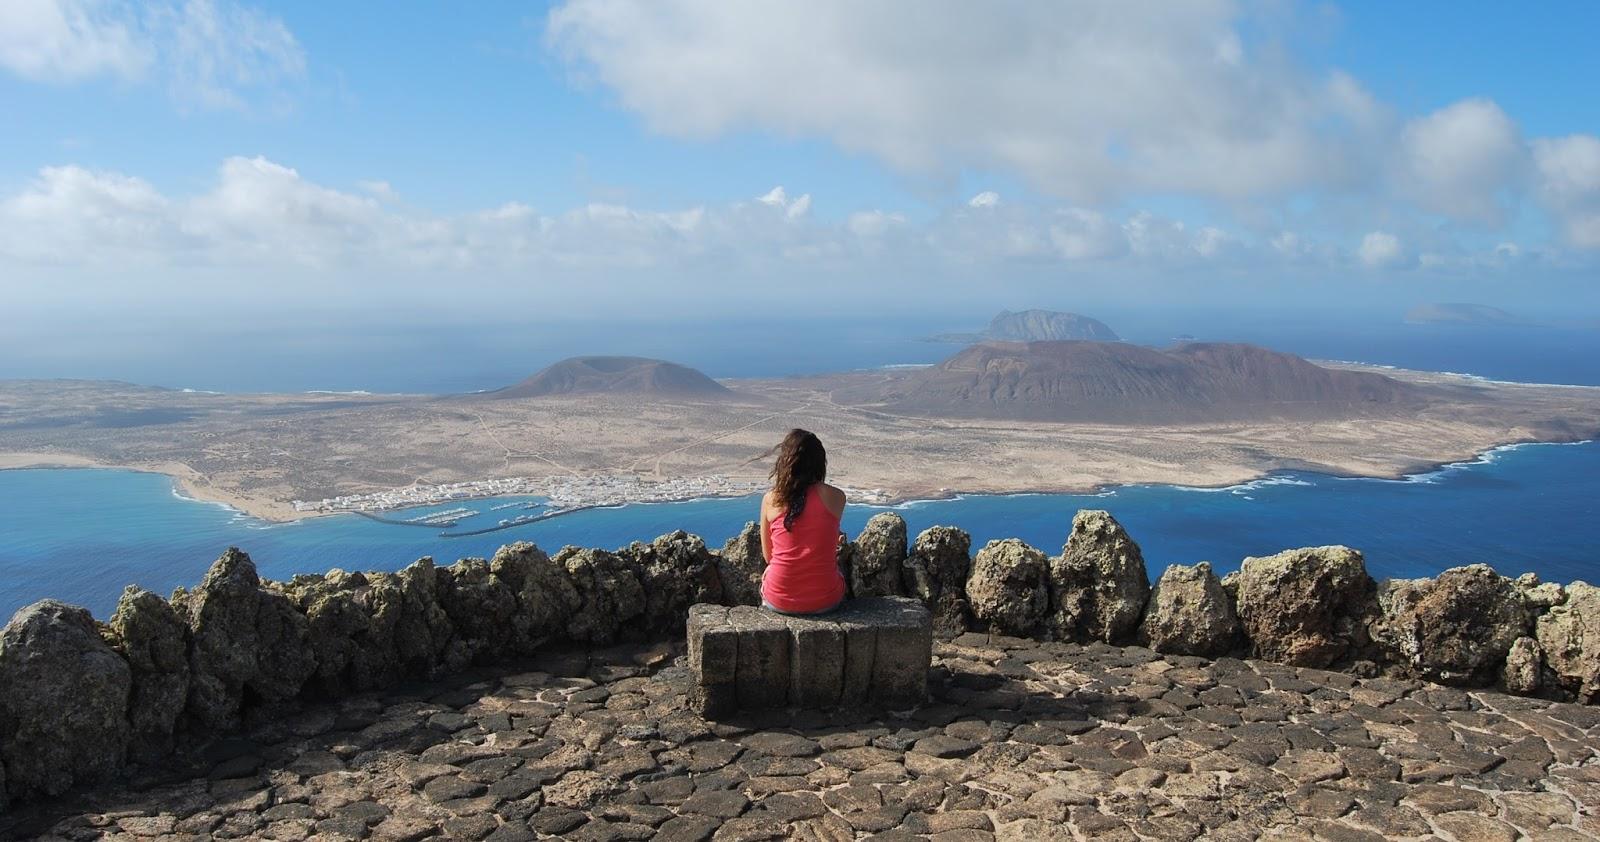 Las islas canarias qu bonito 5 spectacular viewpoints on the canary islands - Las casas canarias lanzarote ...